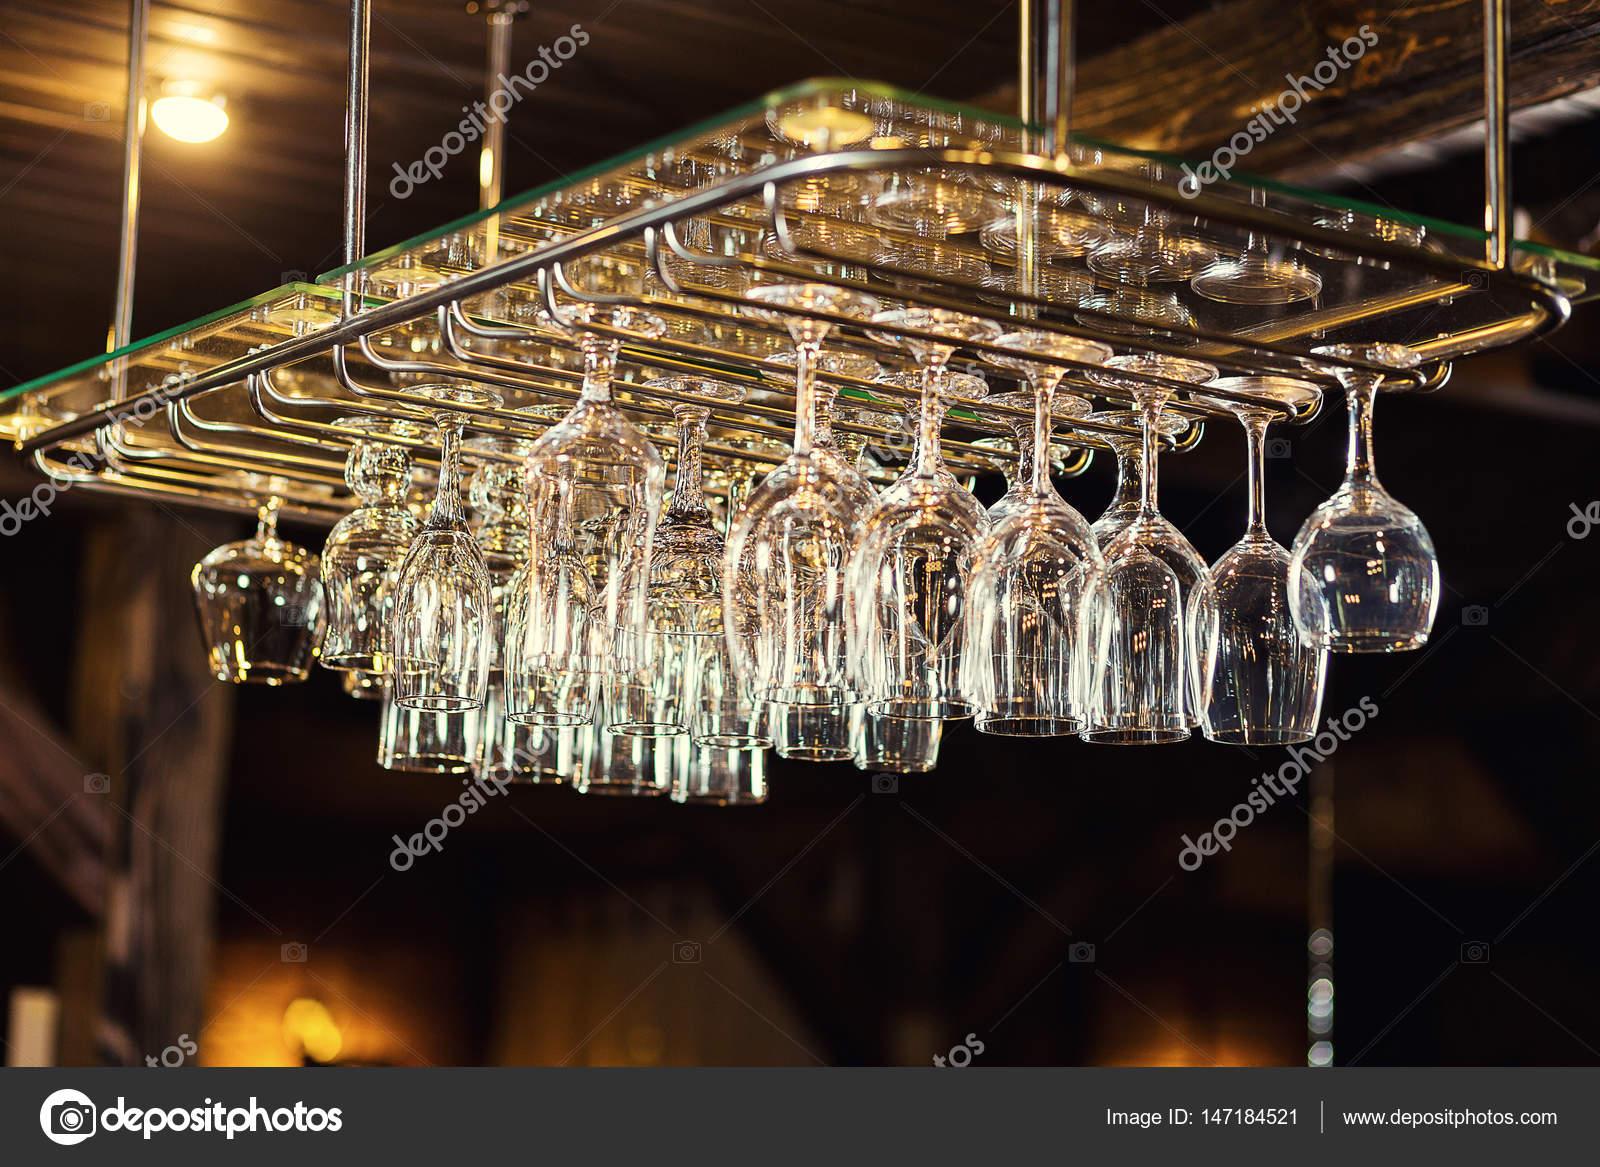 https://st3.depositphotos.com/8000700/14718/i/1600/depositphotos_147184521-stock-photo-glasses-hanging-over-a-bar.jpg